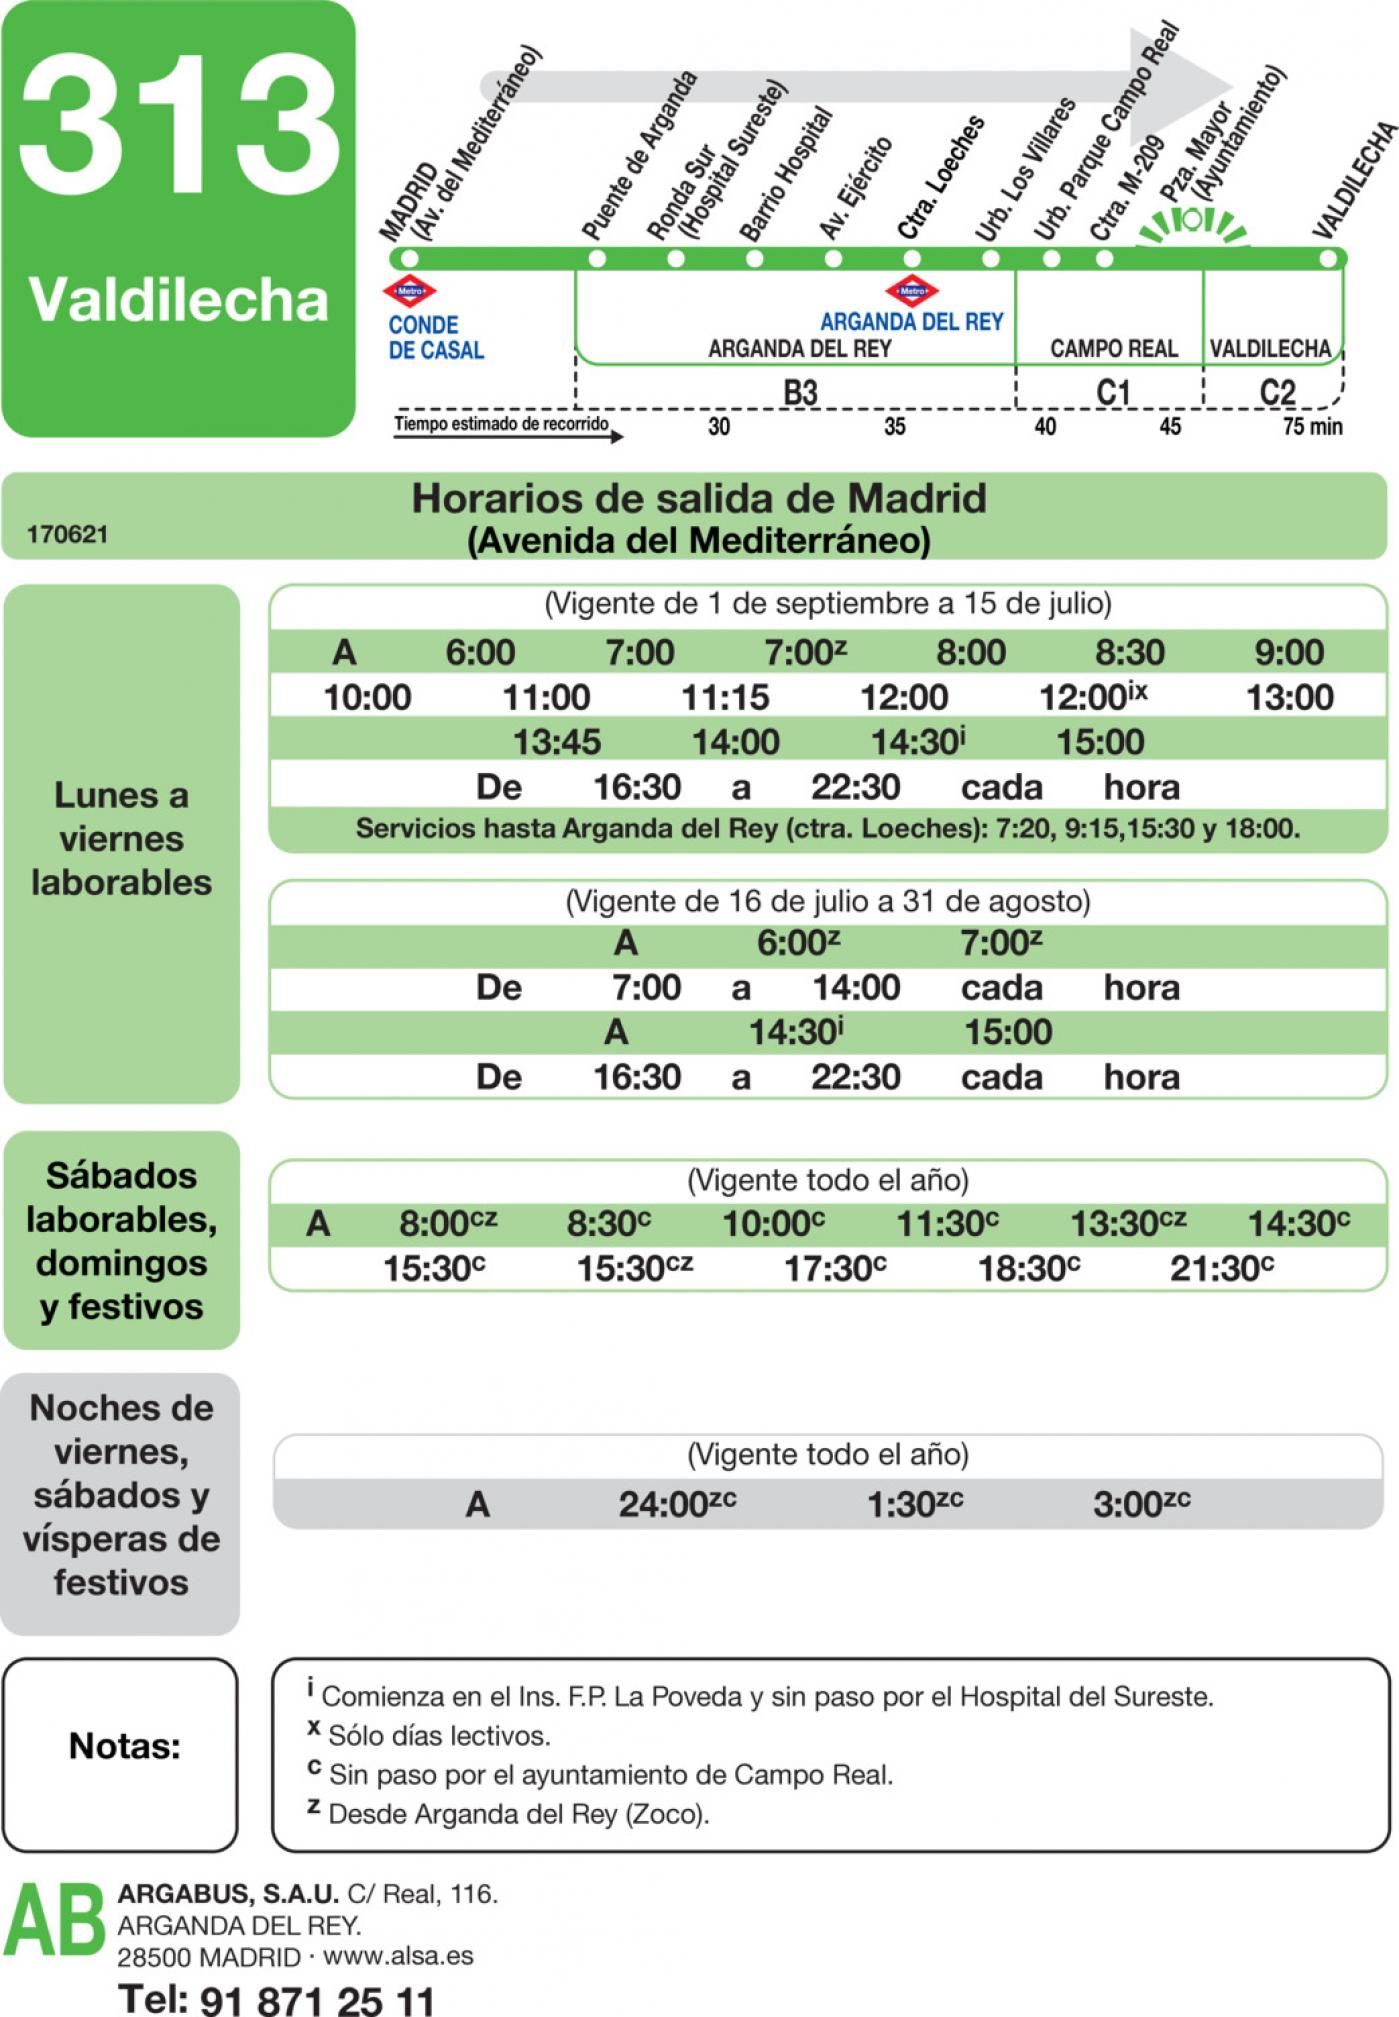 Tabla de horarios y frecuencias de paso en sentido ida Línea 313: Madrid (Conde Casal) - Valdilecha